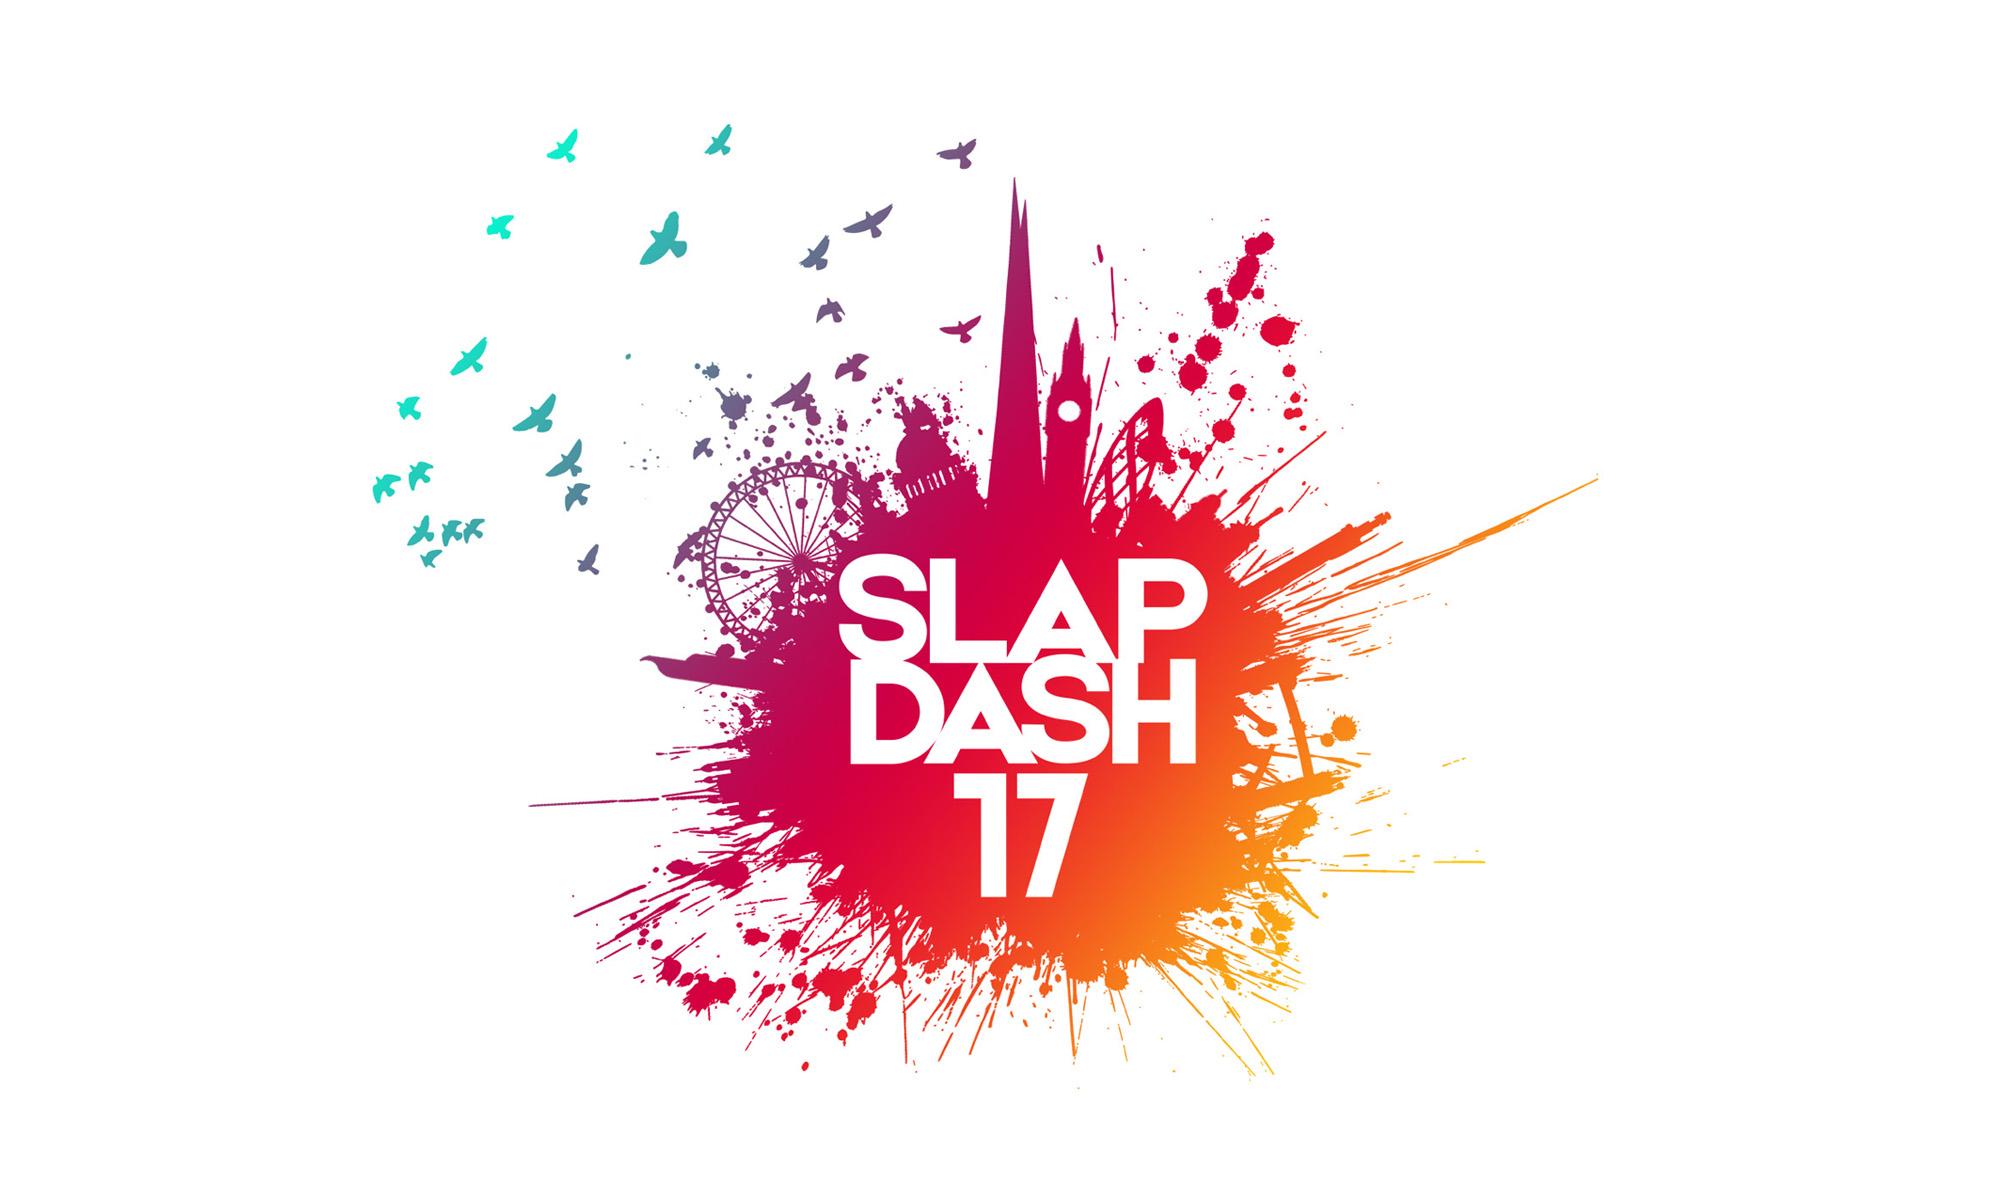 #Slapdash17